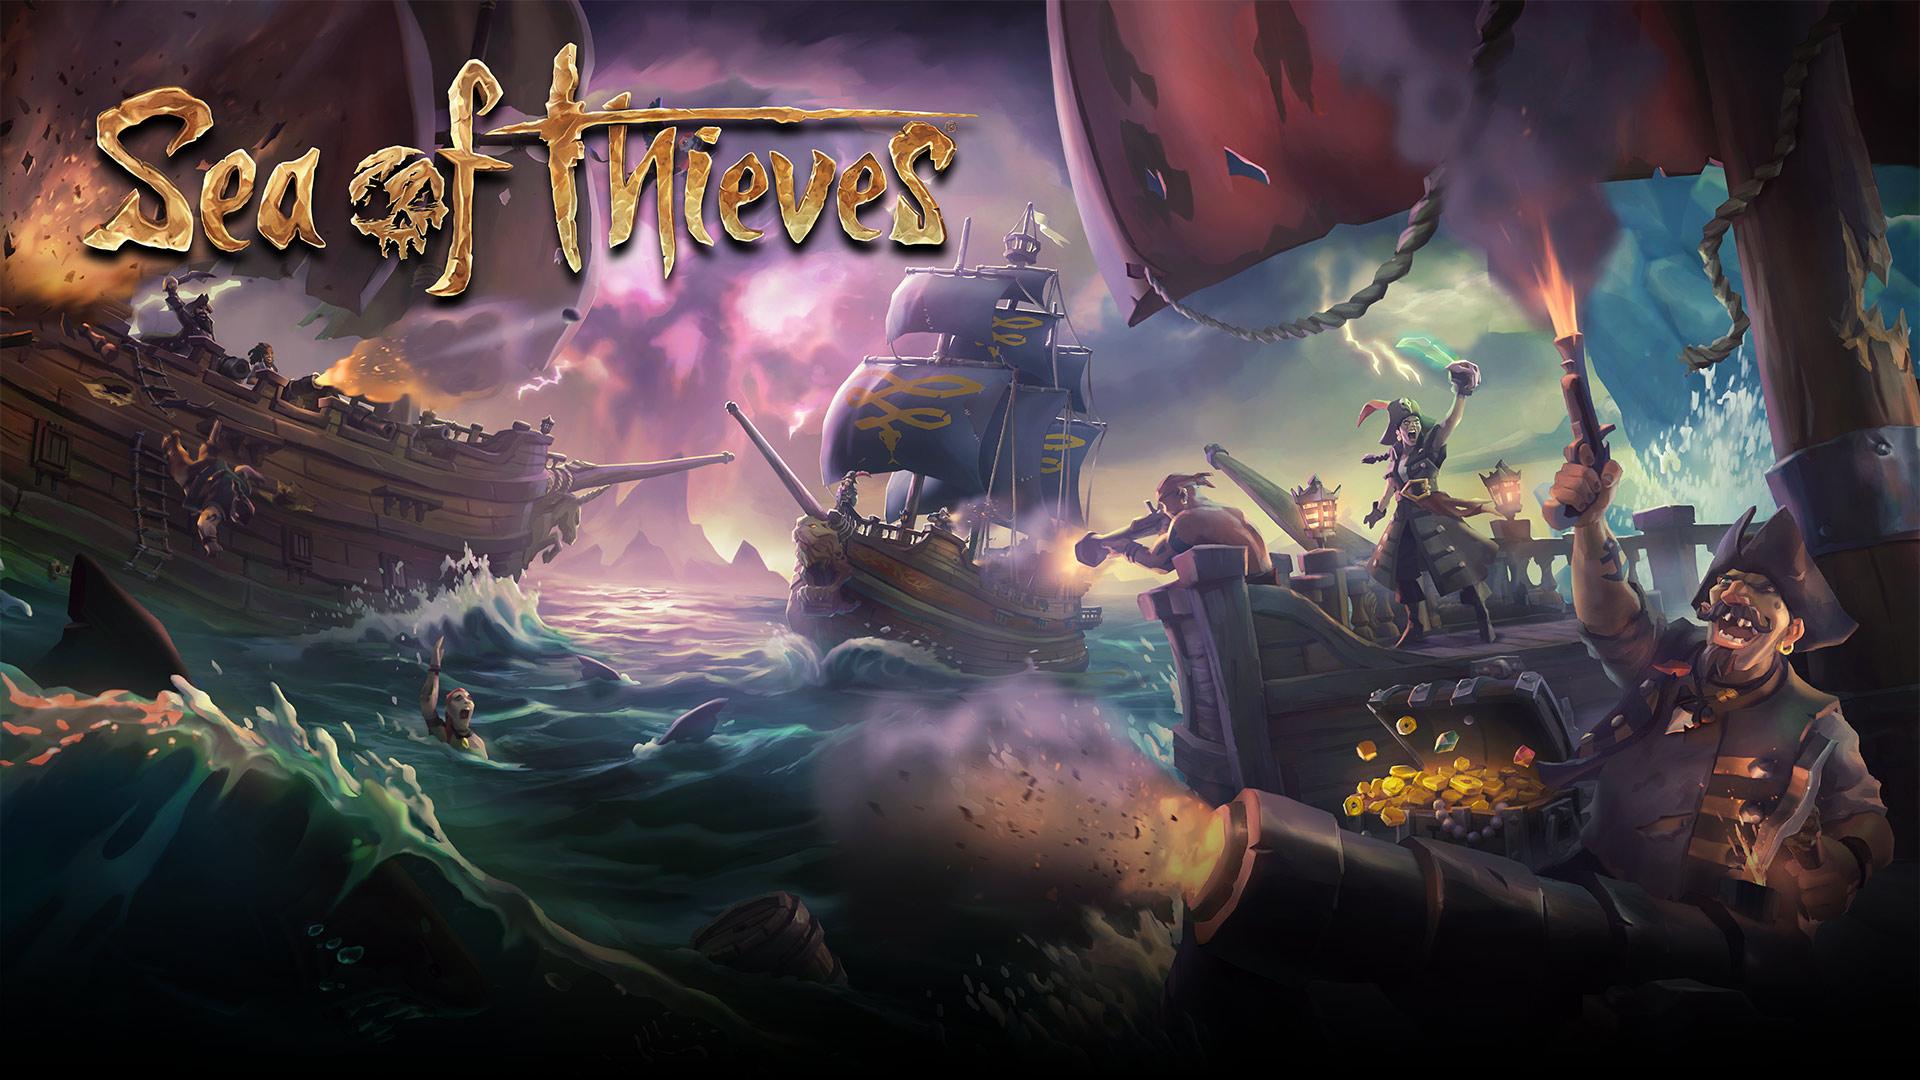 فصل جدید Sea of Thieves به زودی آغاز میشود